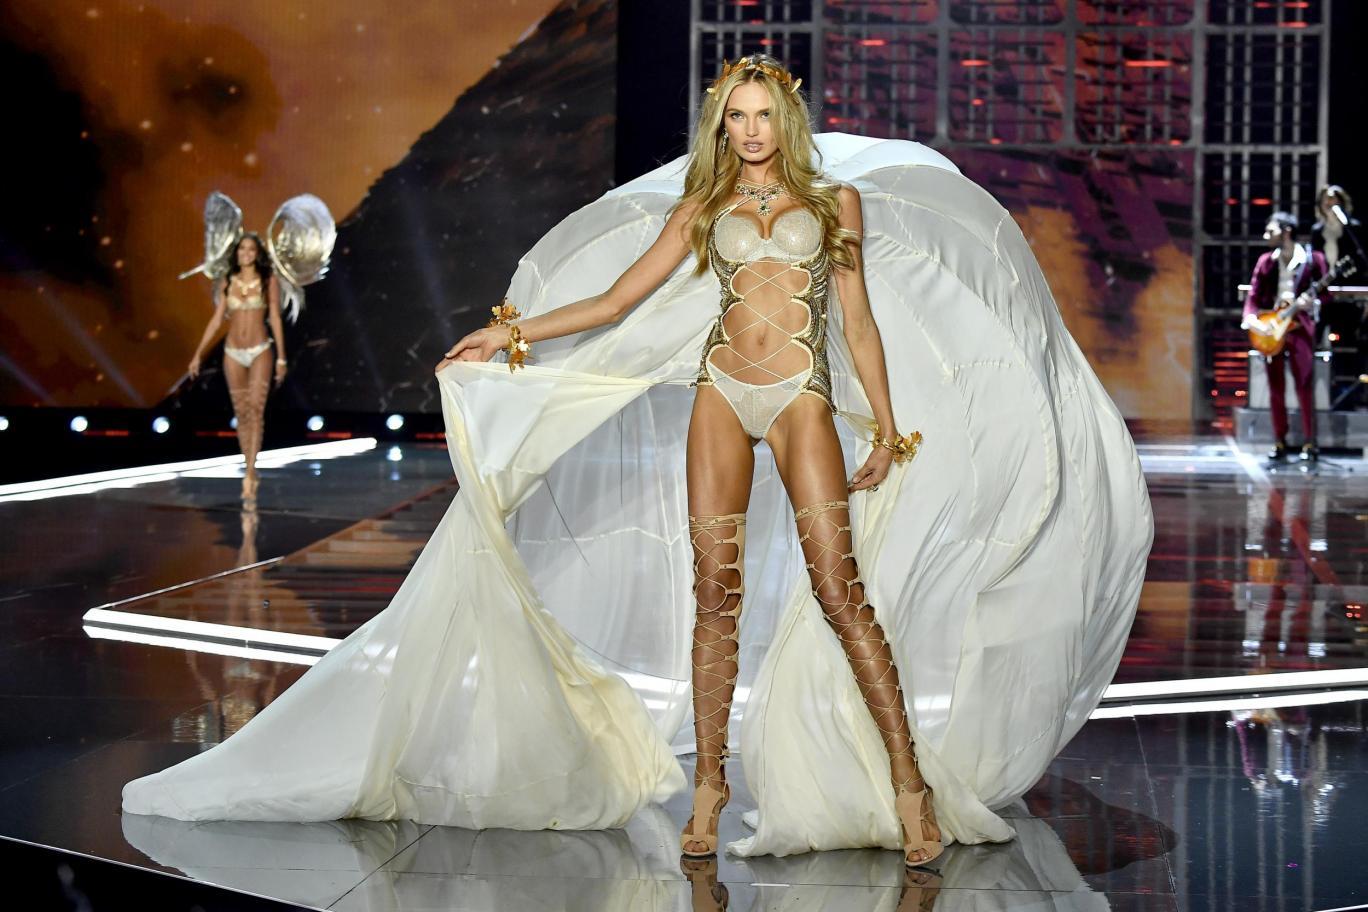 A képre kattintva tudod végiggörgetni a bemutatót. Jó nézelődést  ).  Forrás  HarpersBazaar. fehérnemű szexi divatbemutató Victorias Secret b3cd1e7211